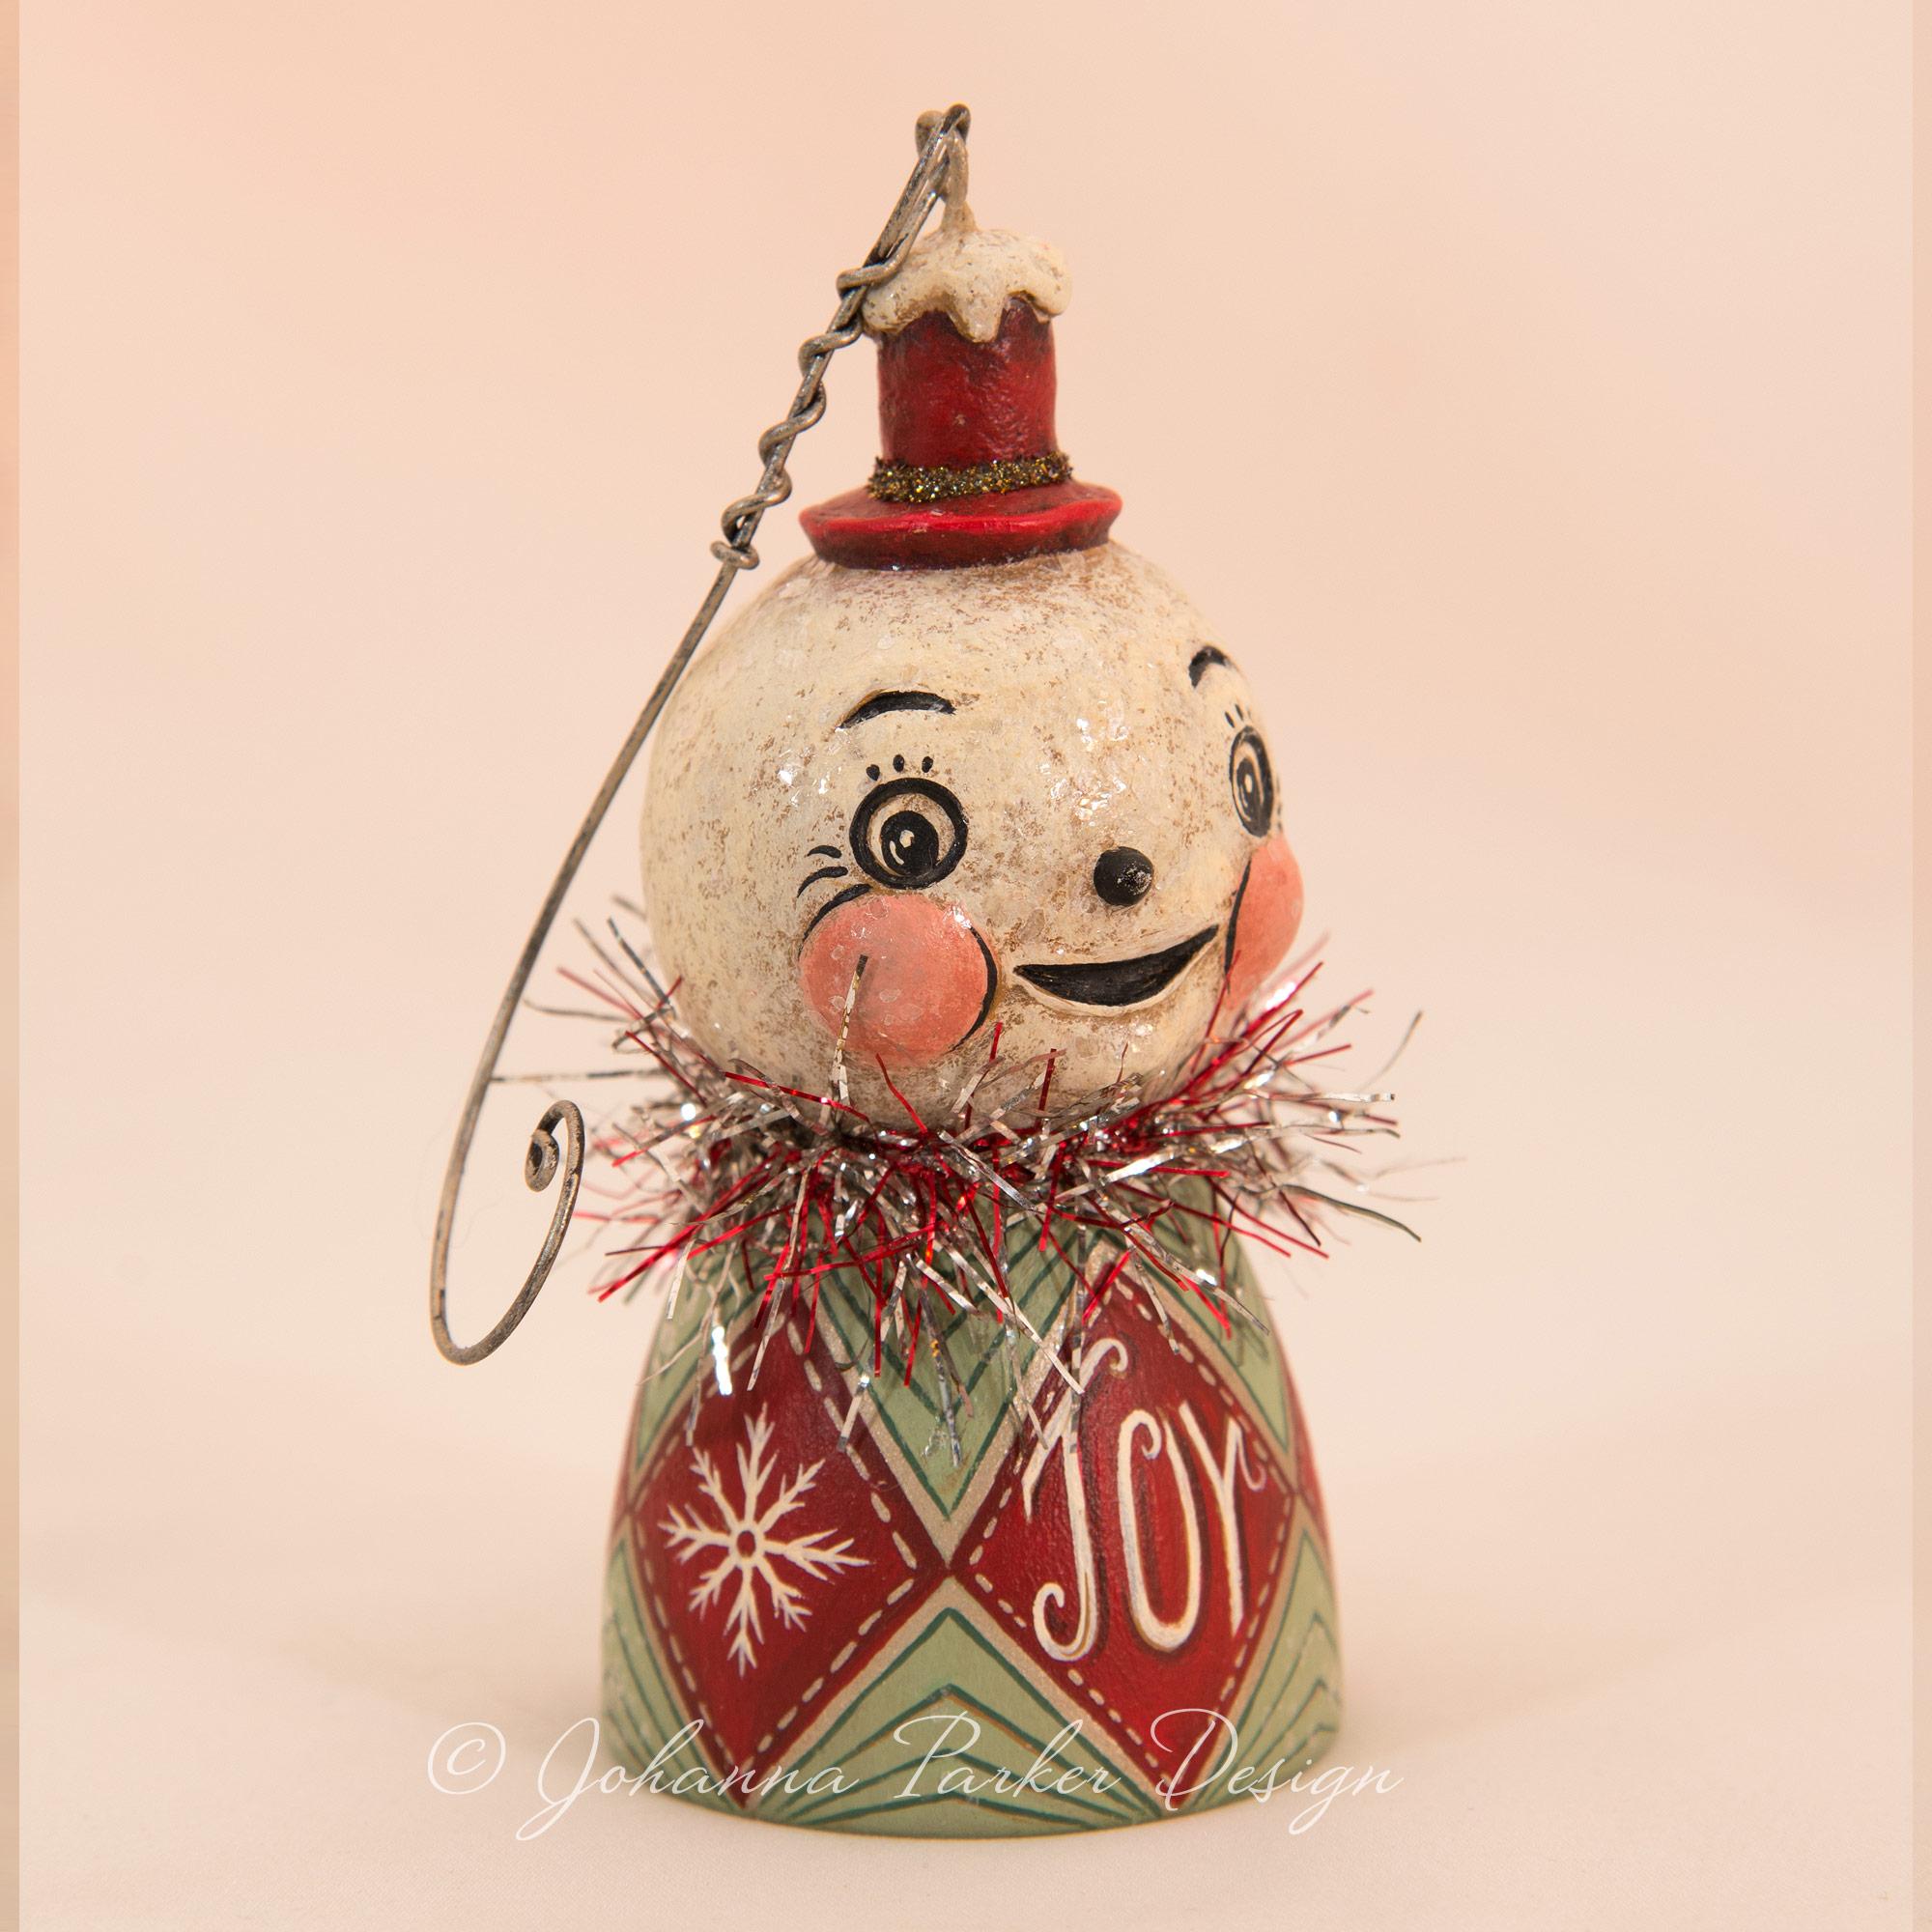 Johanna-Parker-Joy-Snowman-Ornament-Bell-2.jpg